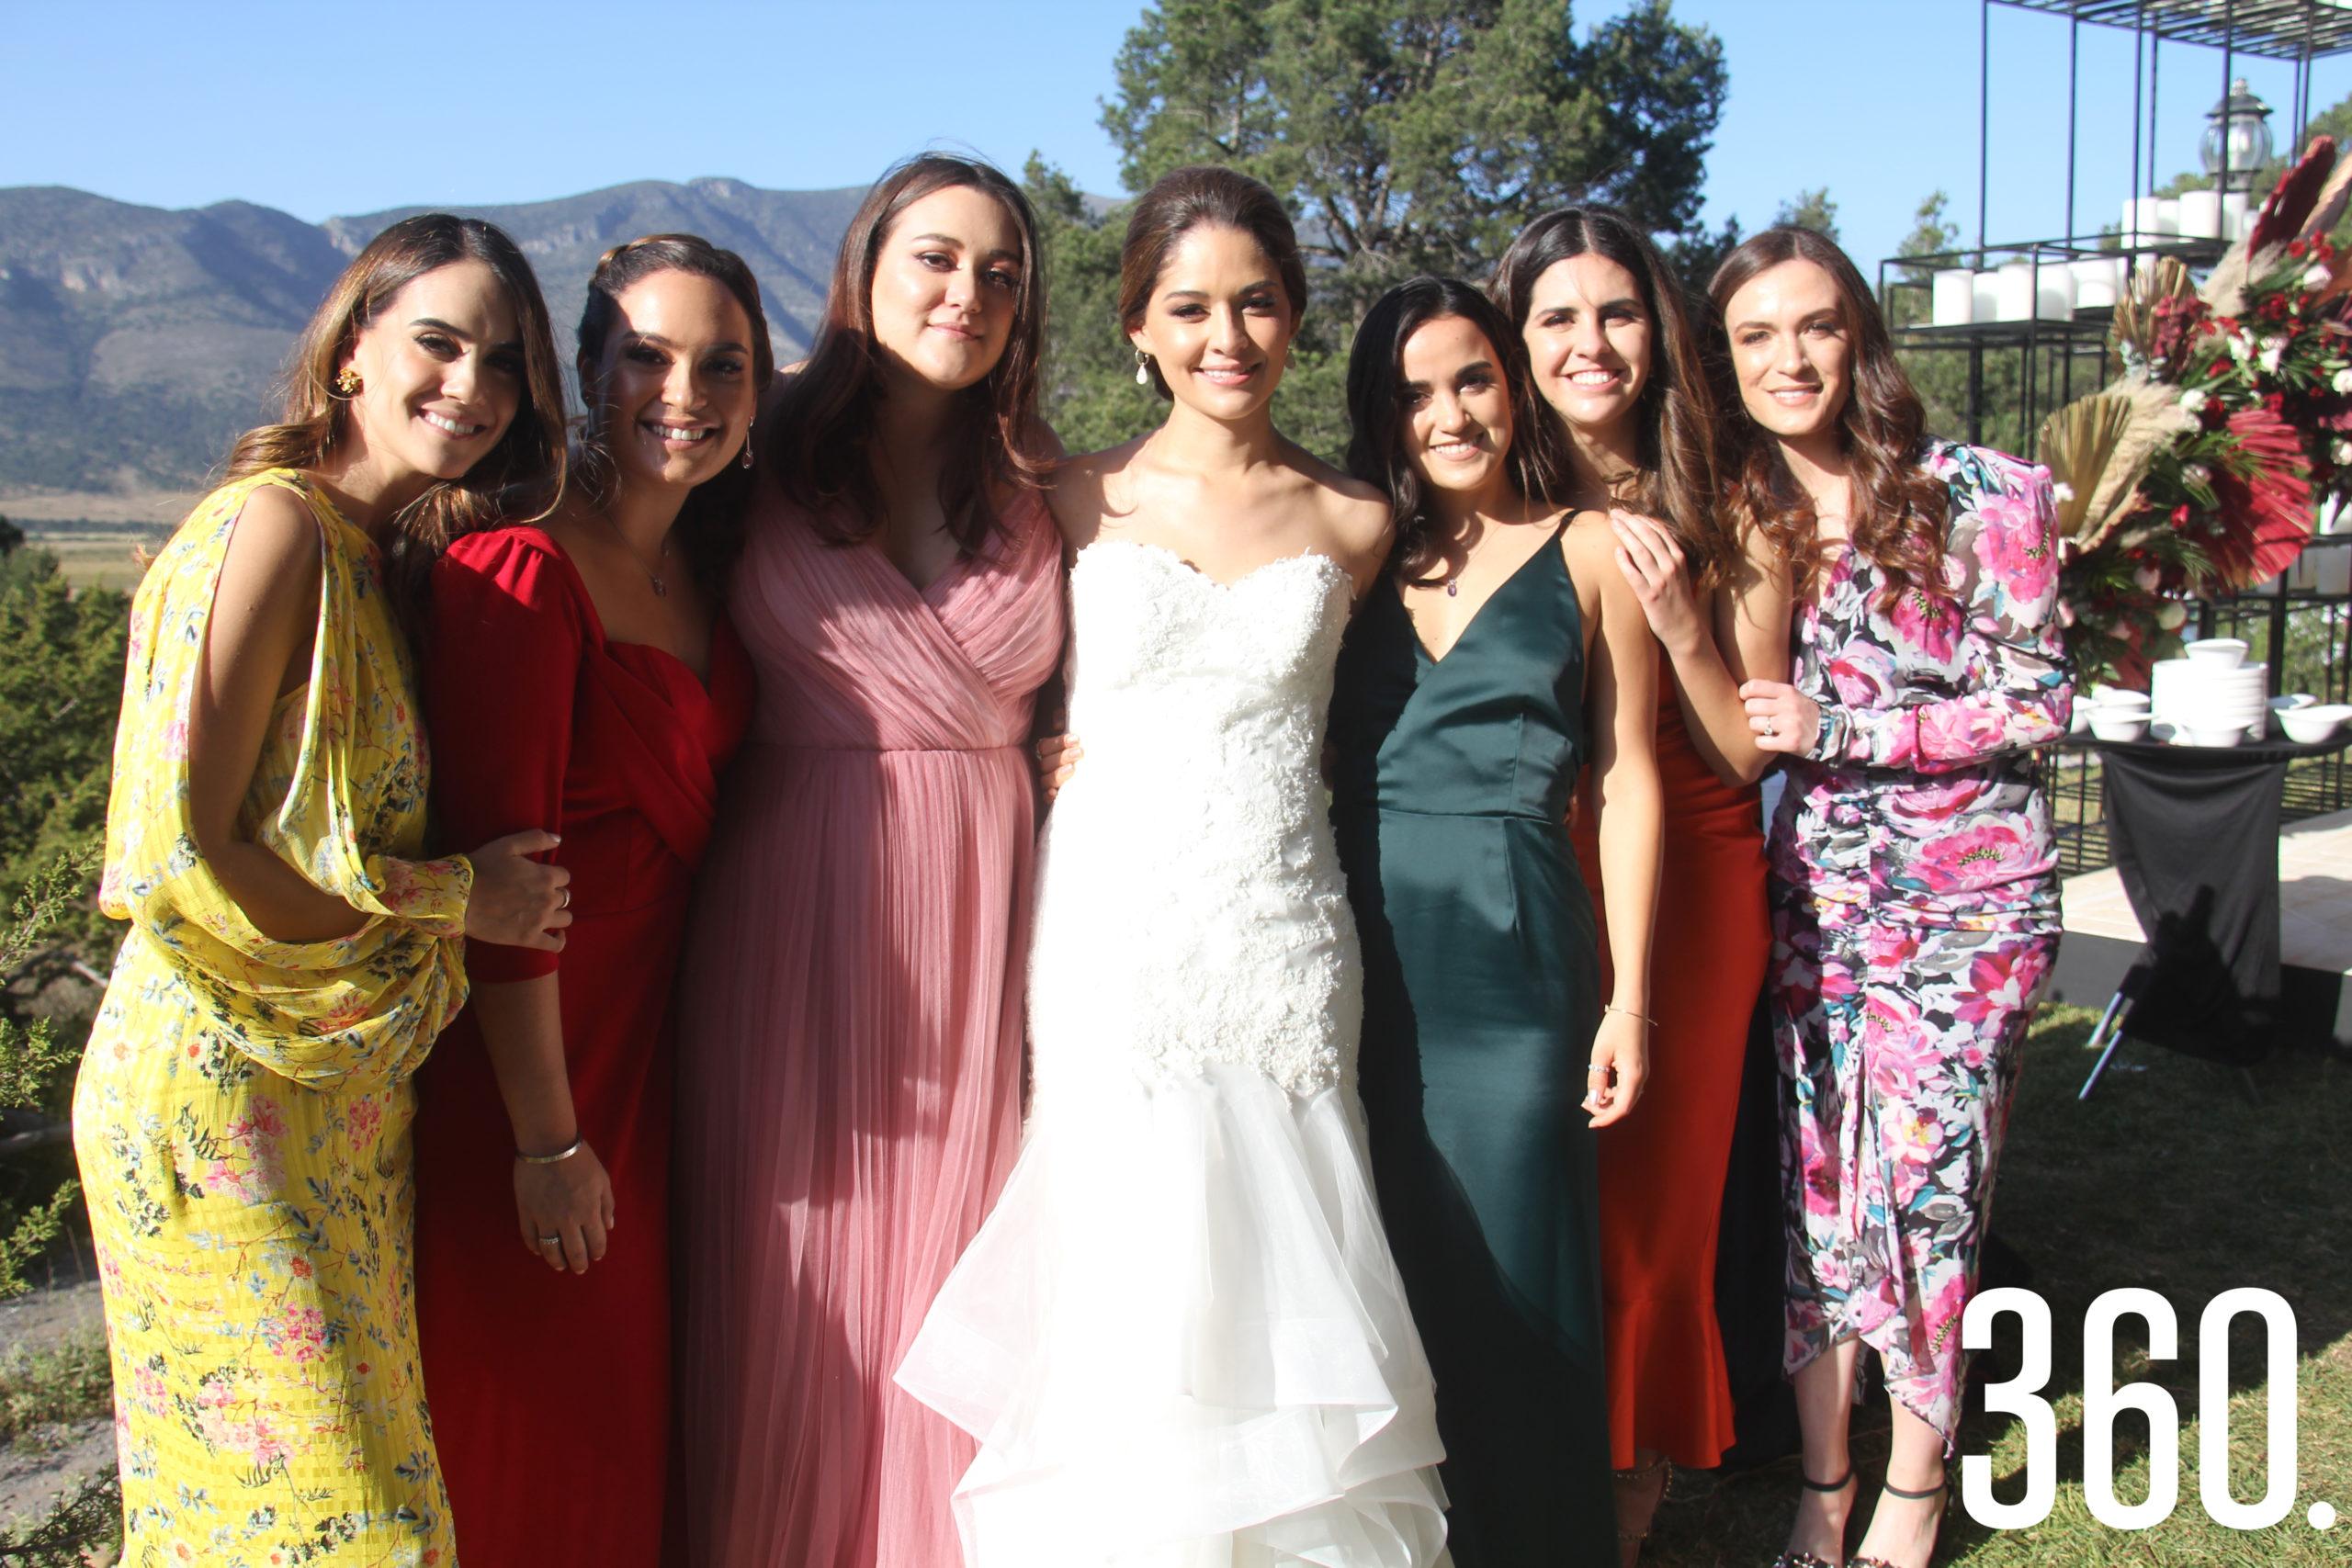 La feliz novia, Valeria, con sus mejores amigas.